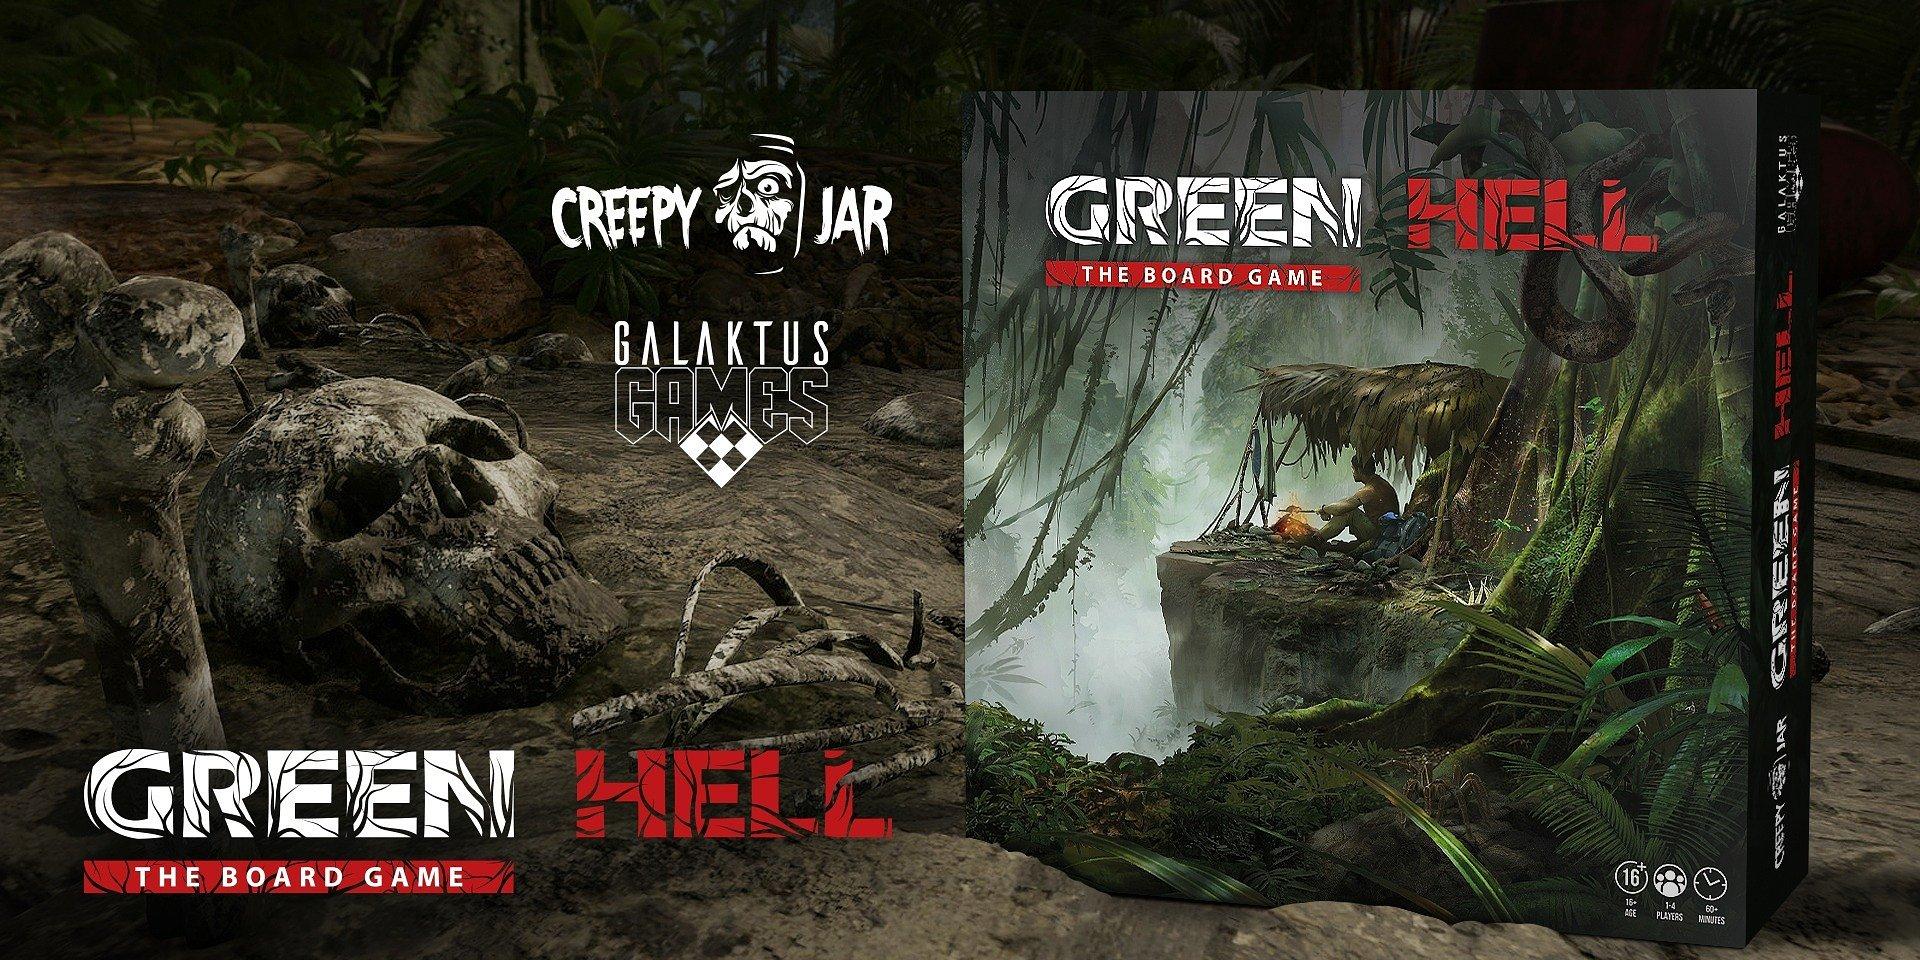 Green Hell: The Board Game startet demnächst seine Kickstarter-Kampagne. Erlebe gemeinsam mit deinen Freunden die andere Seite des Überlebensdramas im Amazonas